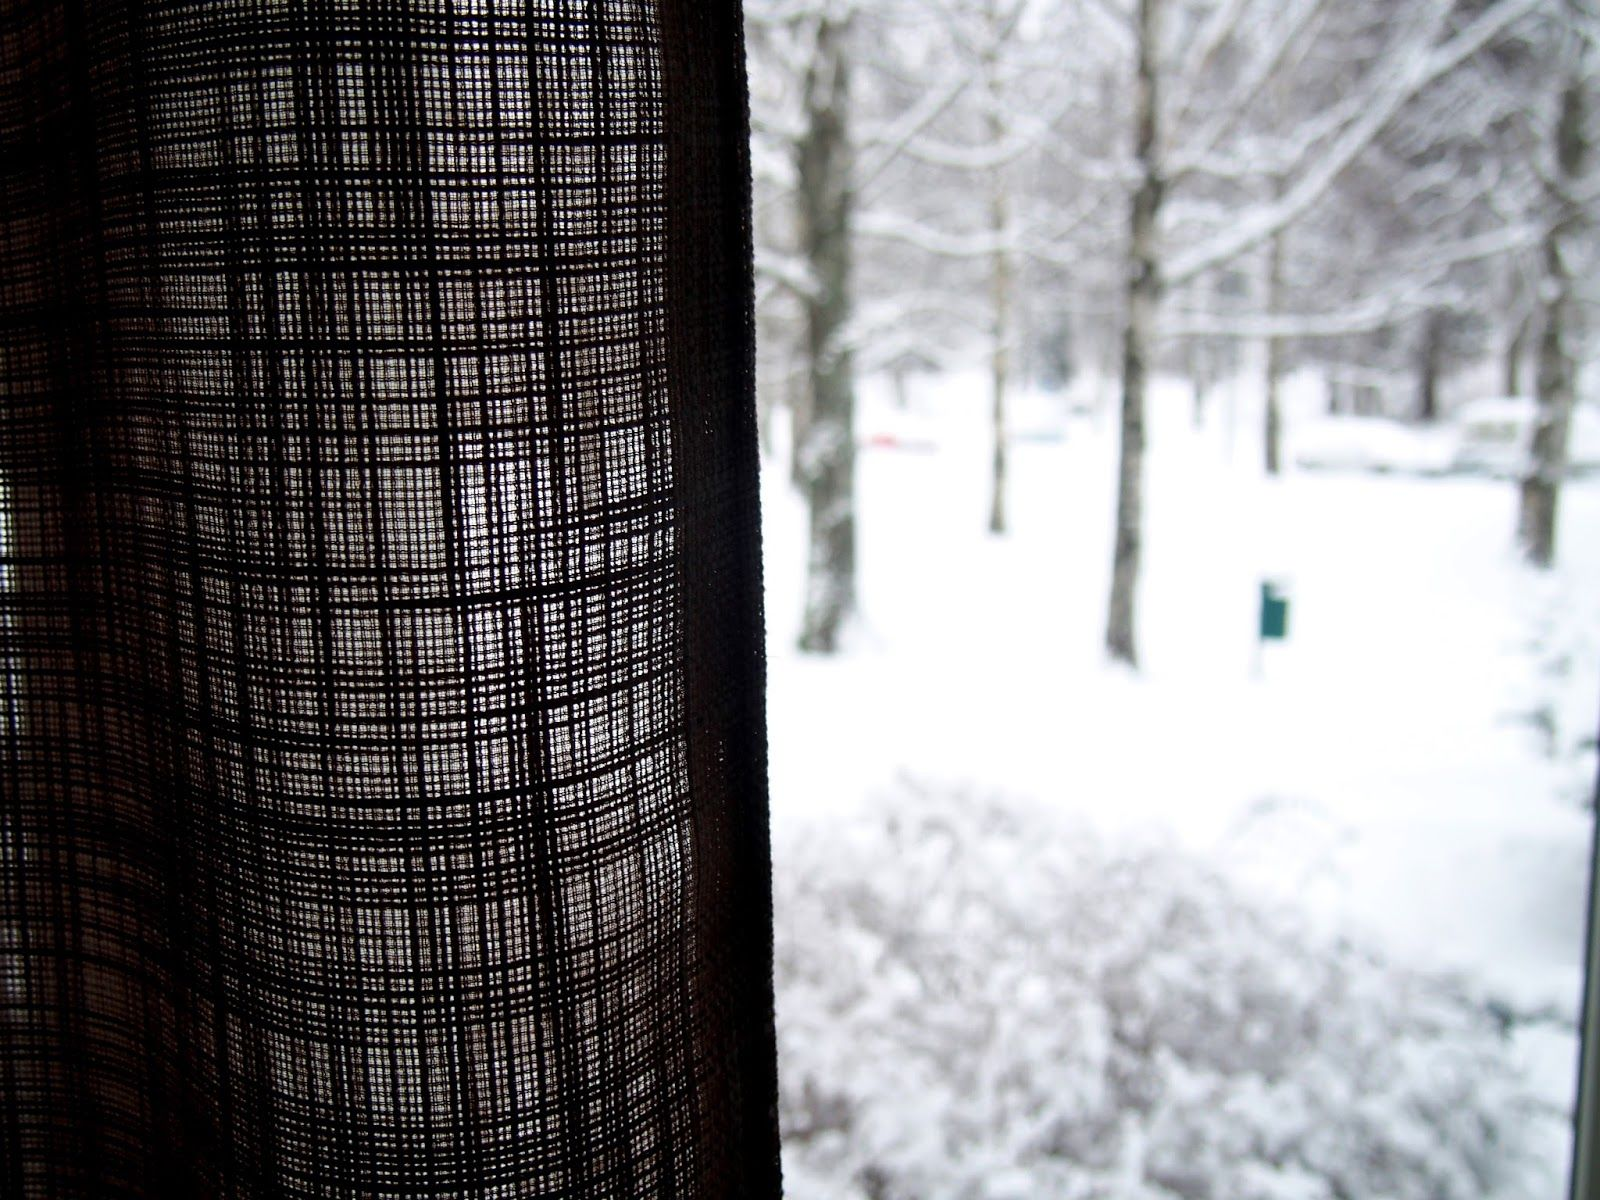 Curtains and snow  | Alinan kotona blog